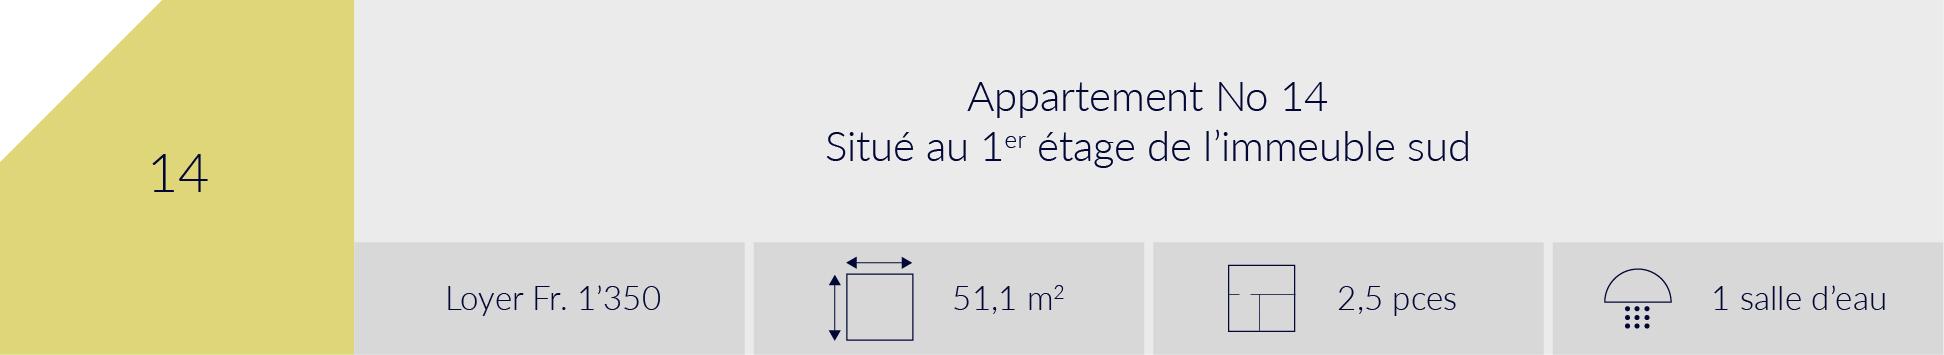 vignette appartement 14